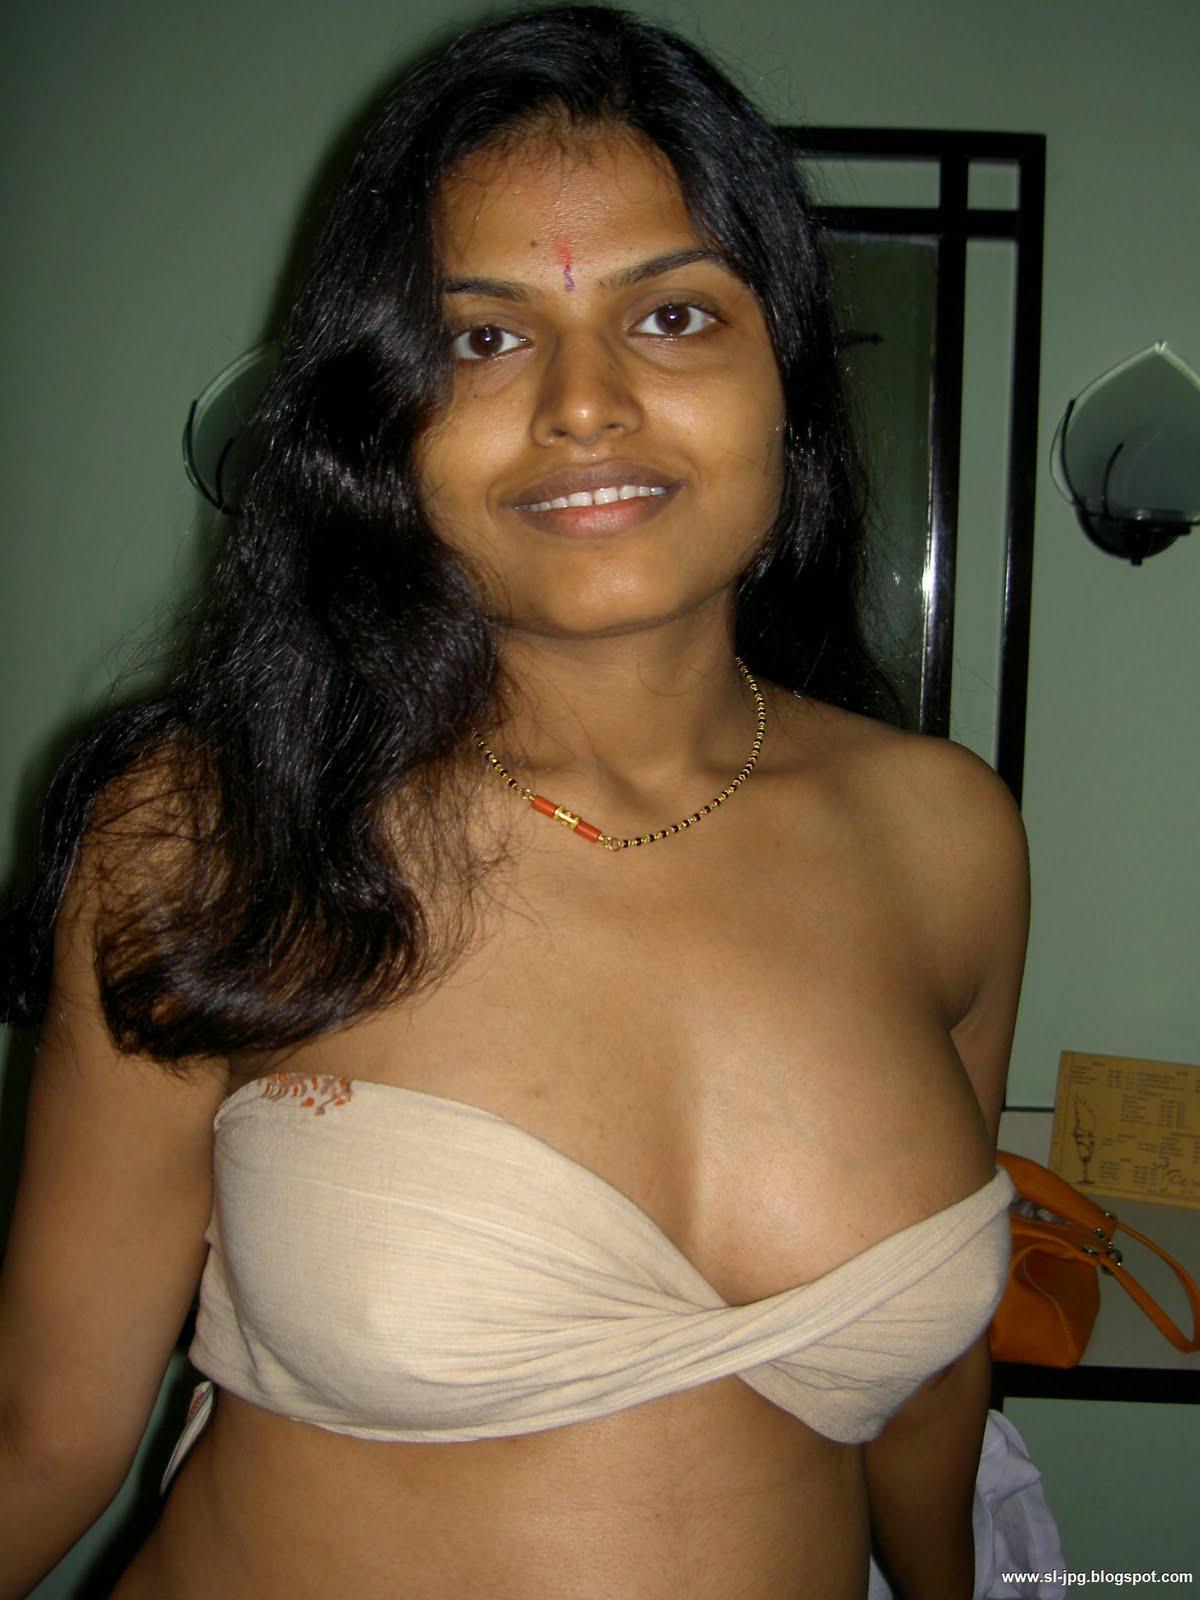 Srilankan Girls Club Srilankan Girls Photo-1210